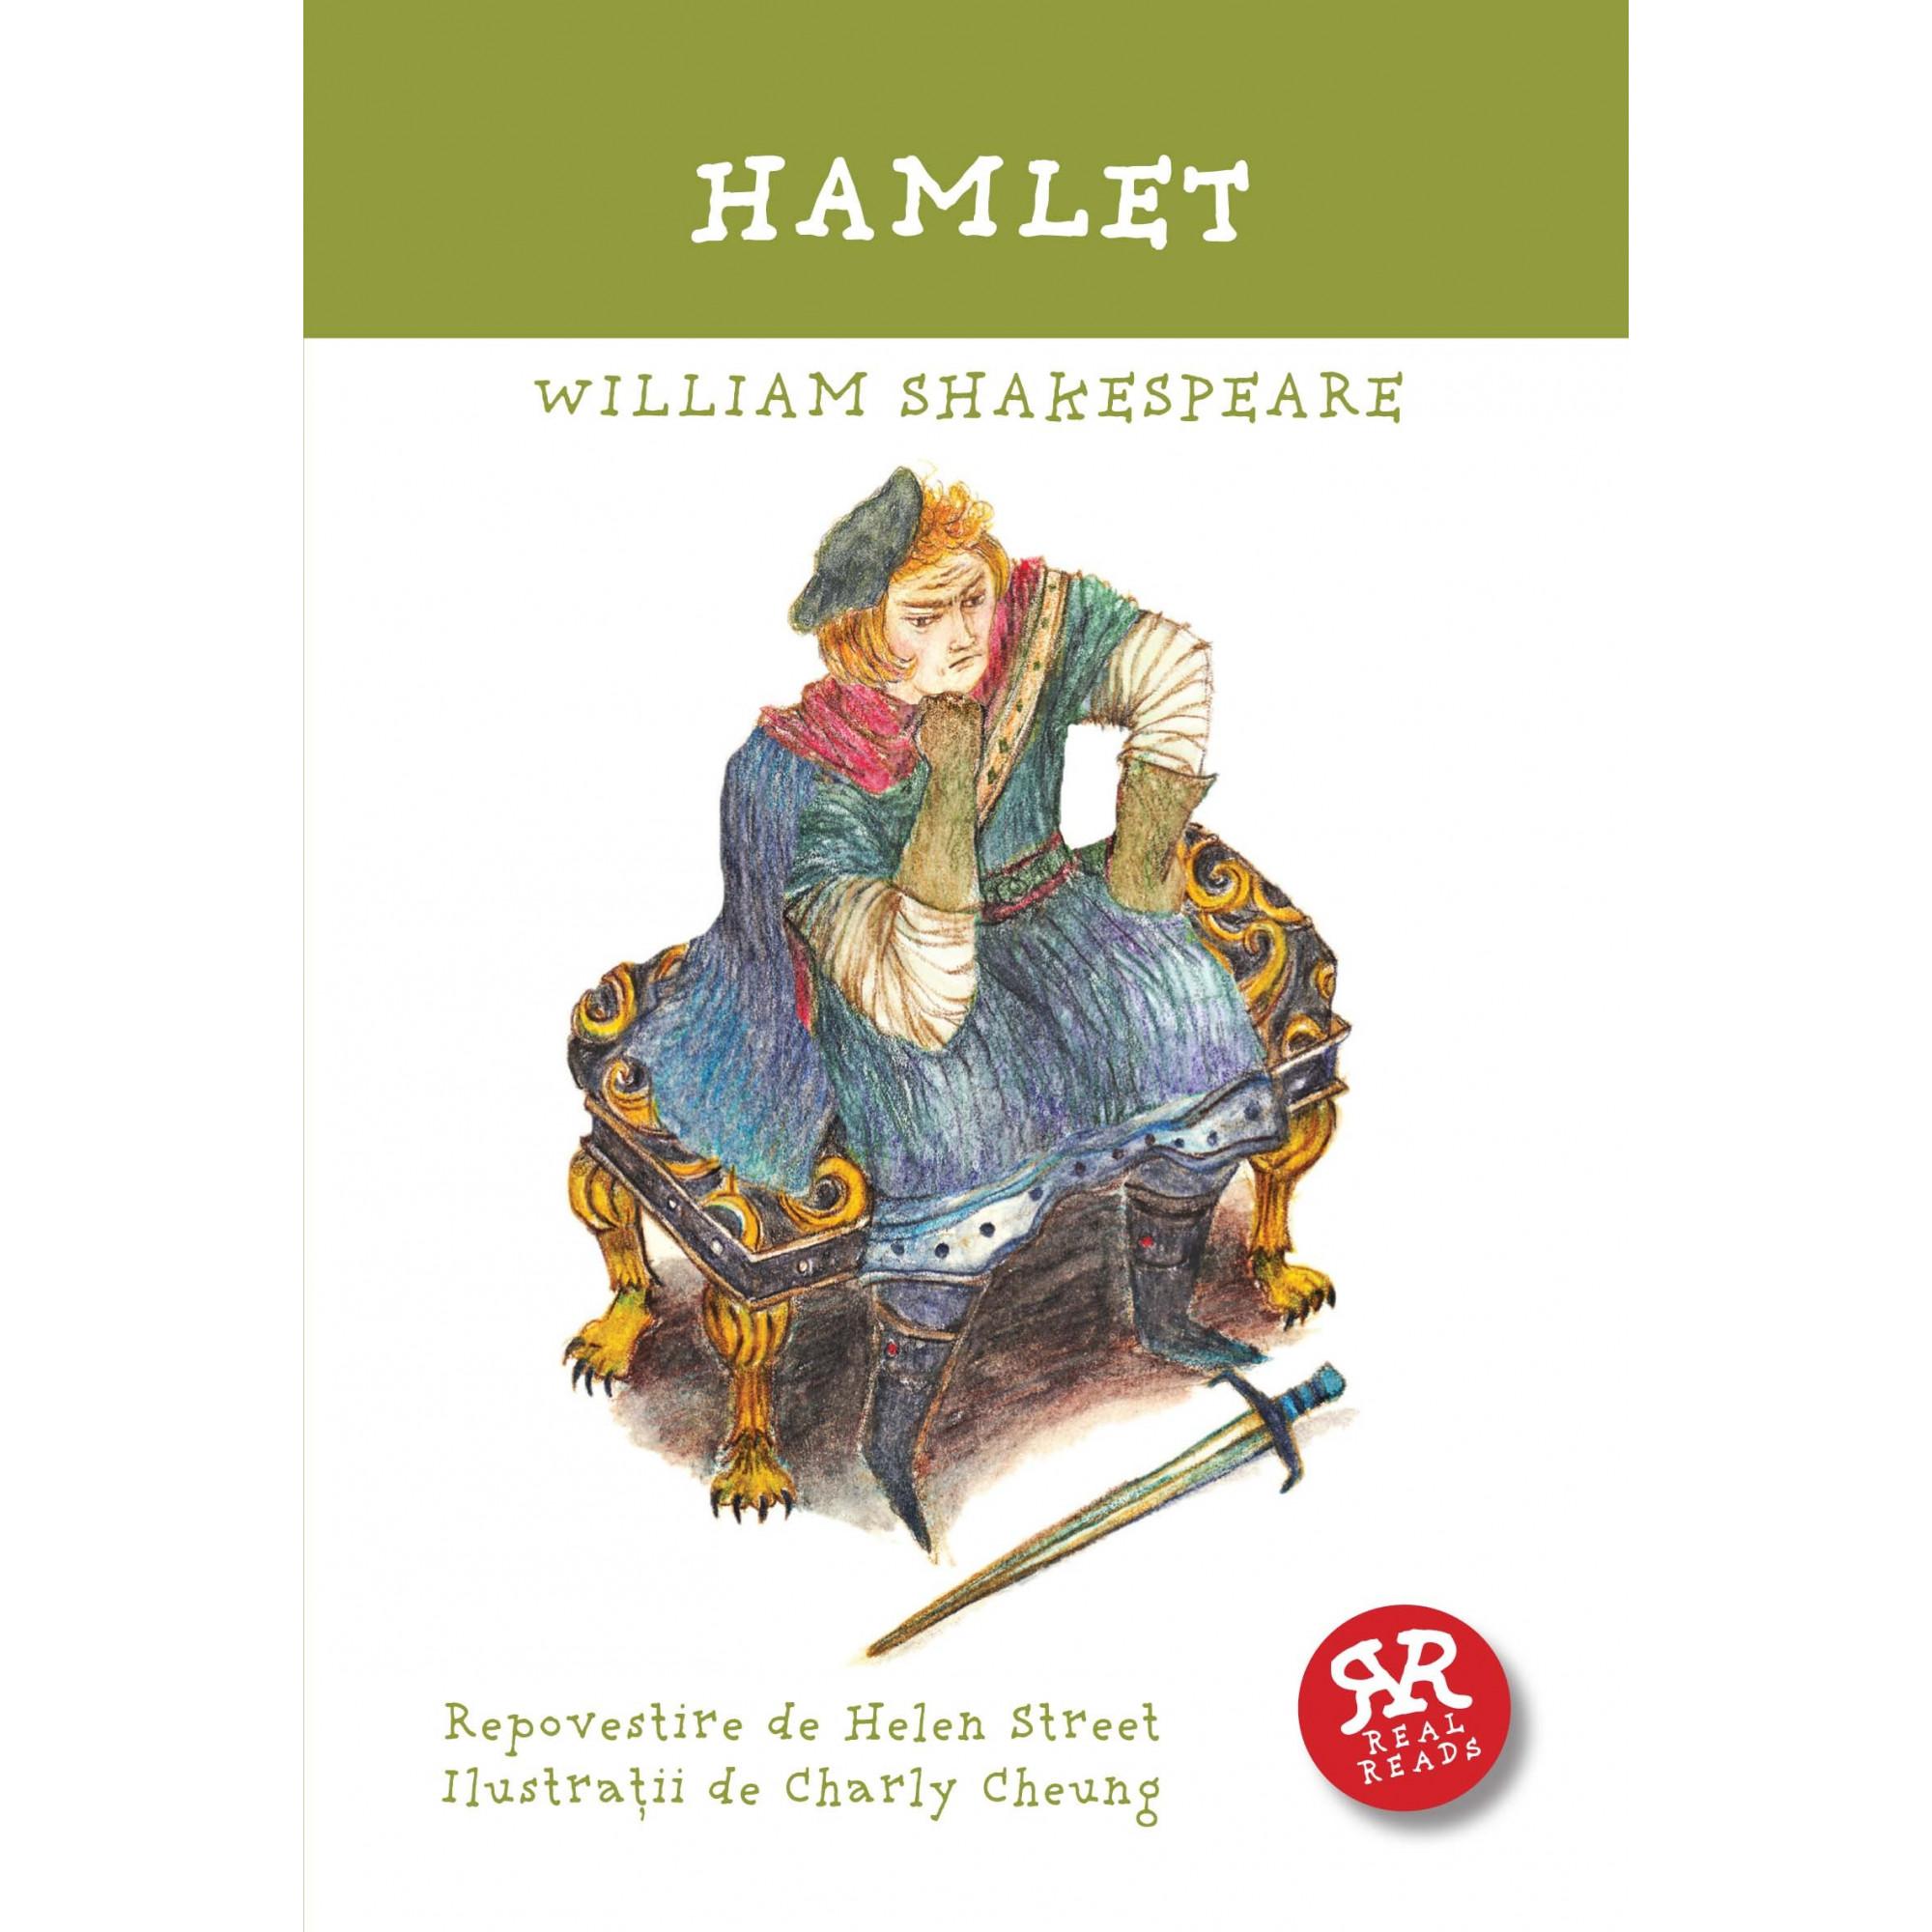 Hamlet; Repovestire de Helen Street